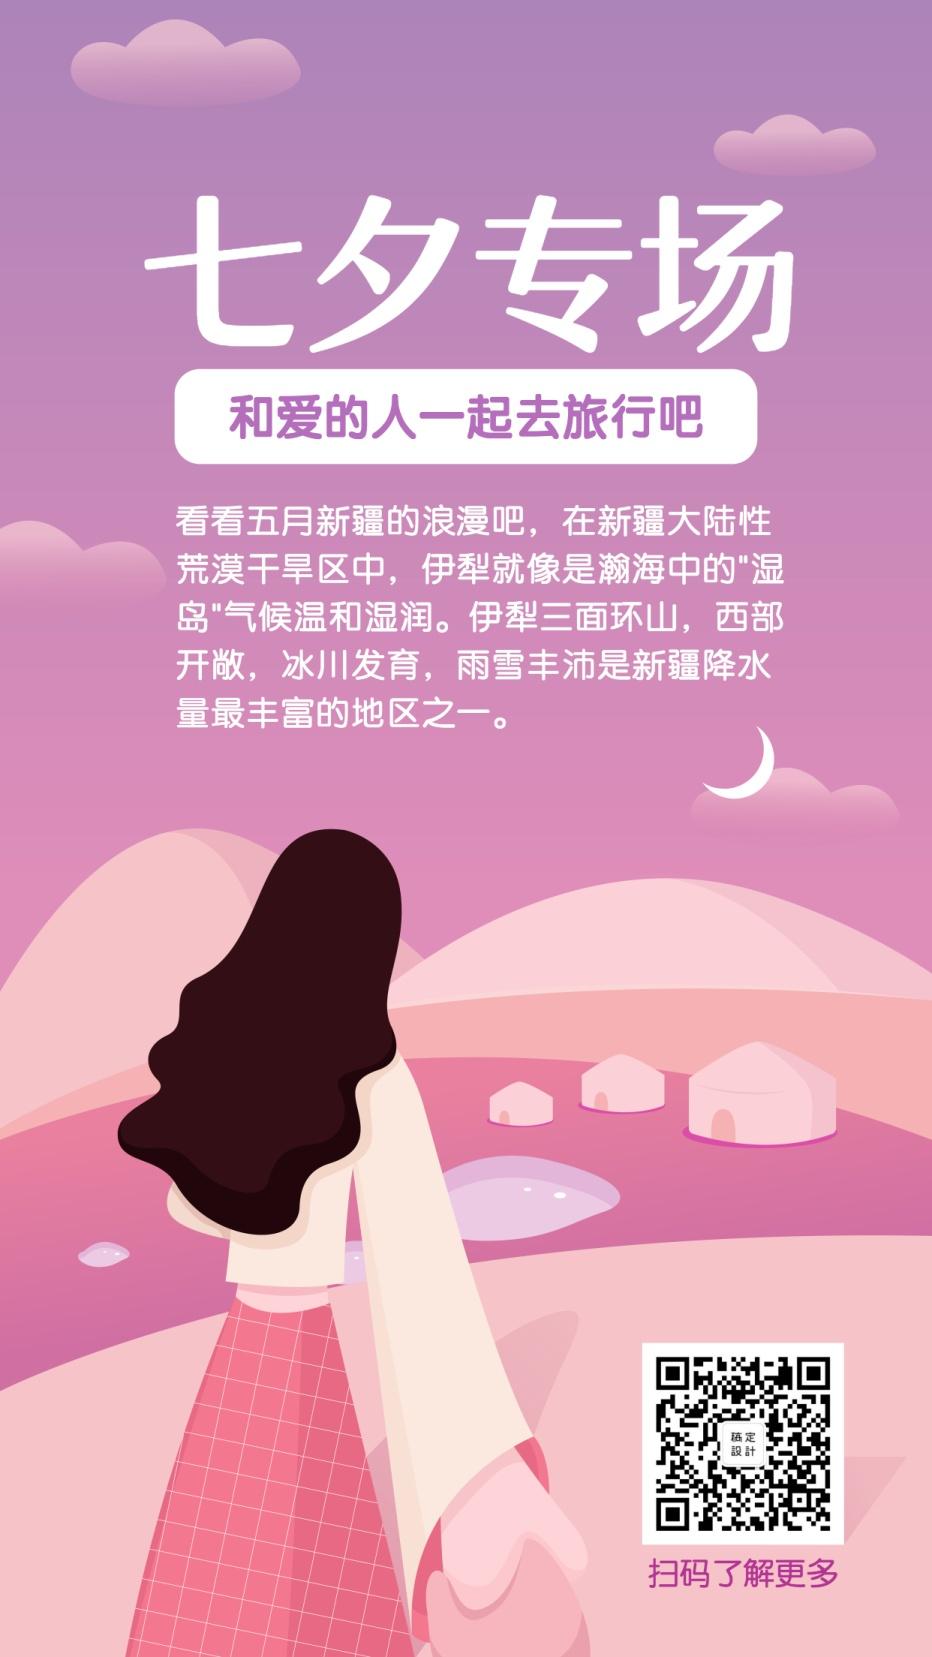 七夕情人节旅游促销活动手绘清新手机海报